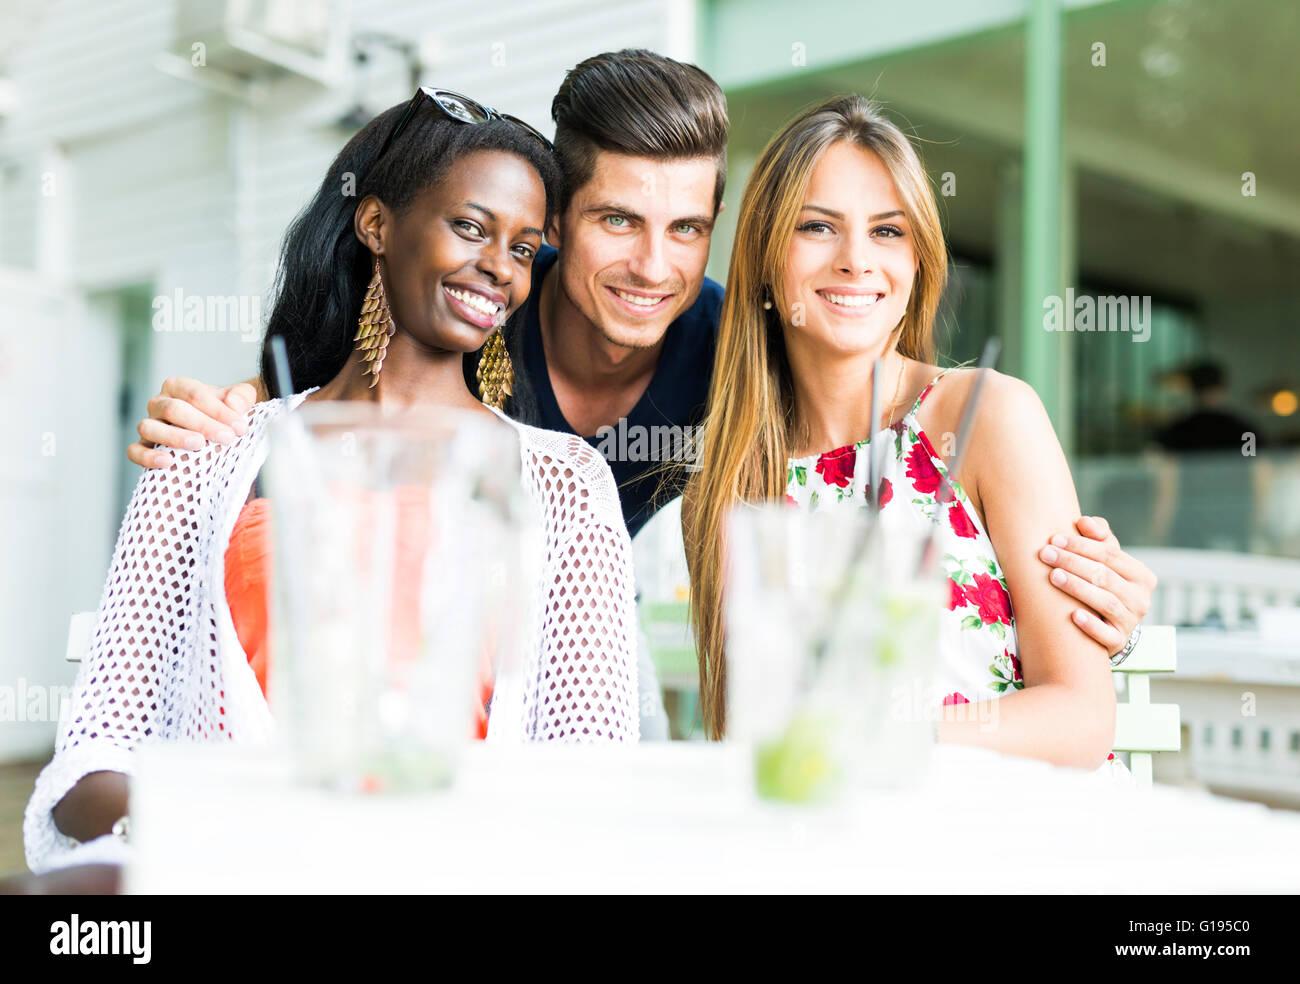 Felice giovani amici sorridere all'esterno essendo vicini gli uni agli altri in un giorno di estate Immagini Stock